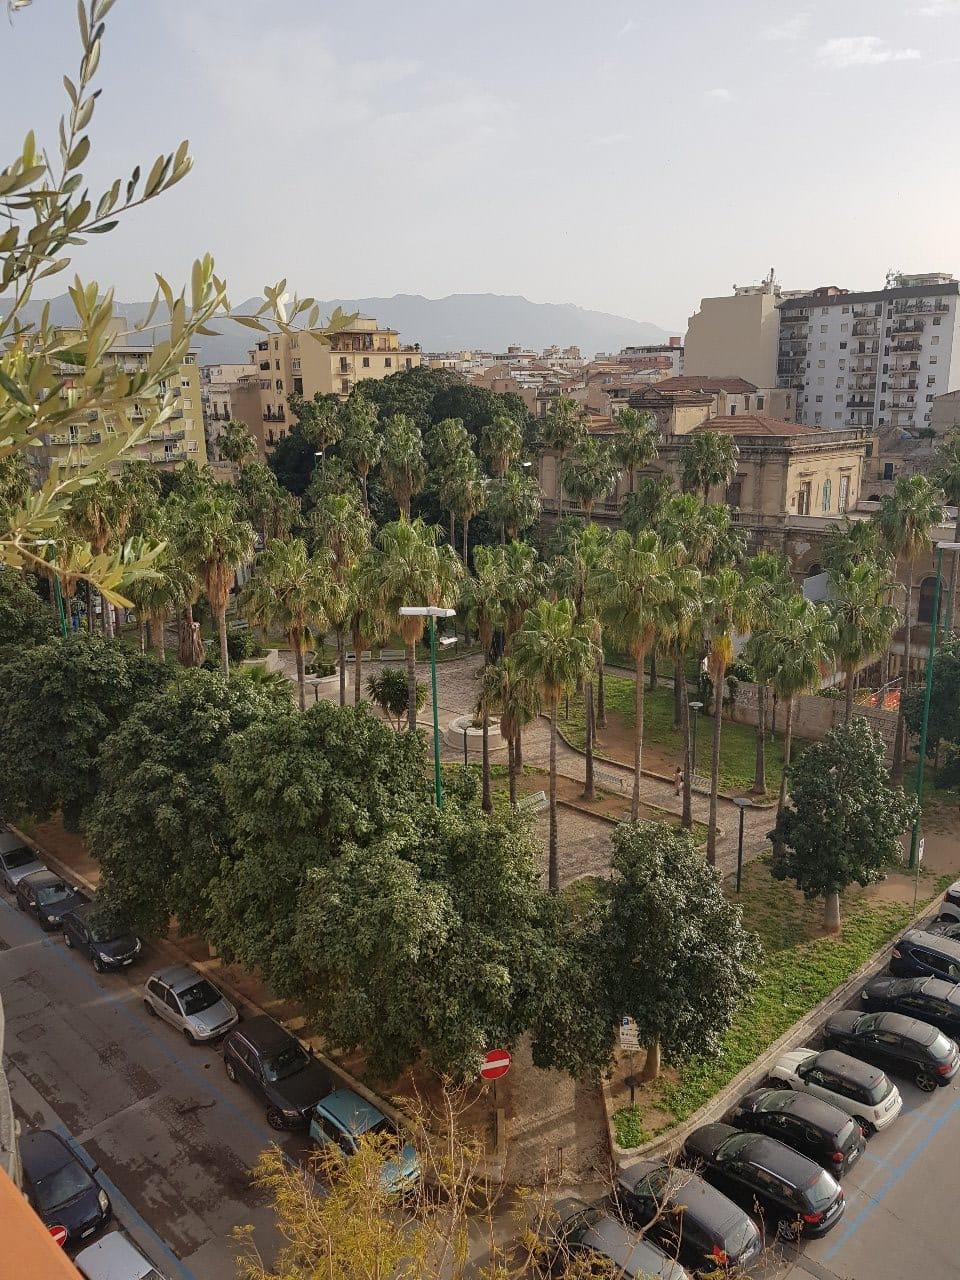 Lolli Piazza, Attico e superattico di mq. 260 circa panoramicissimo